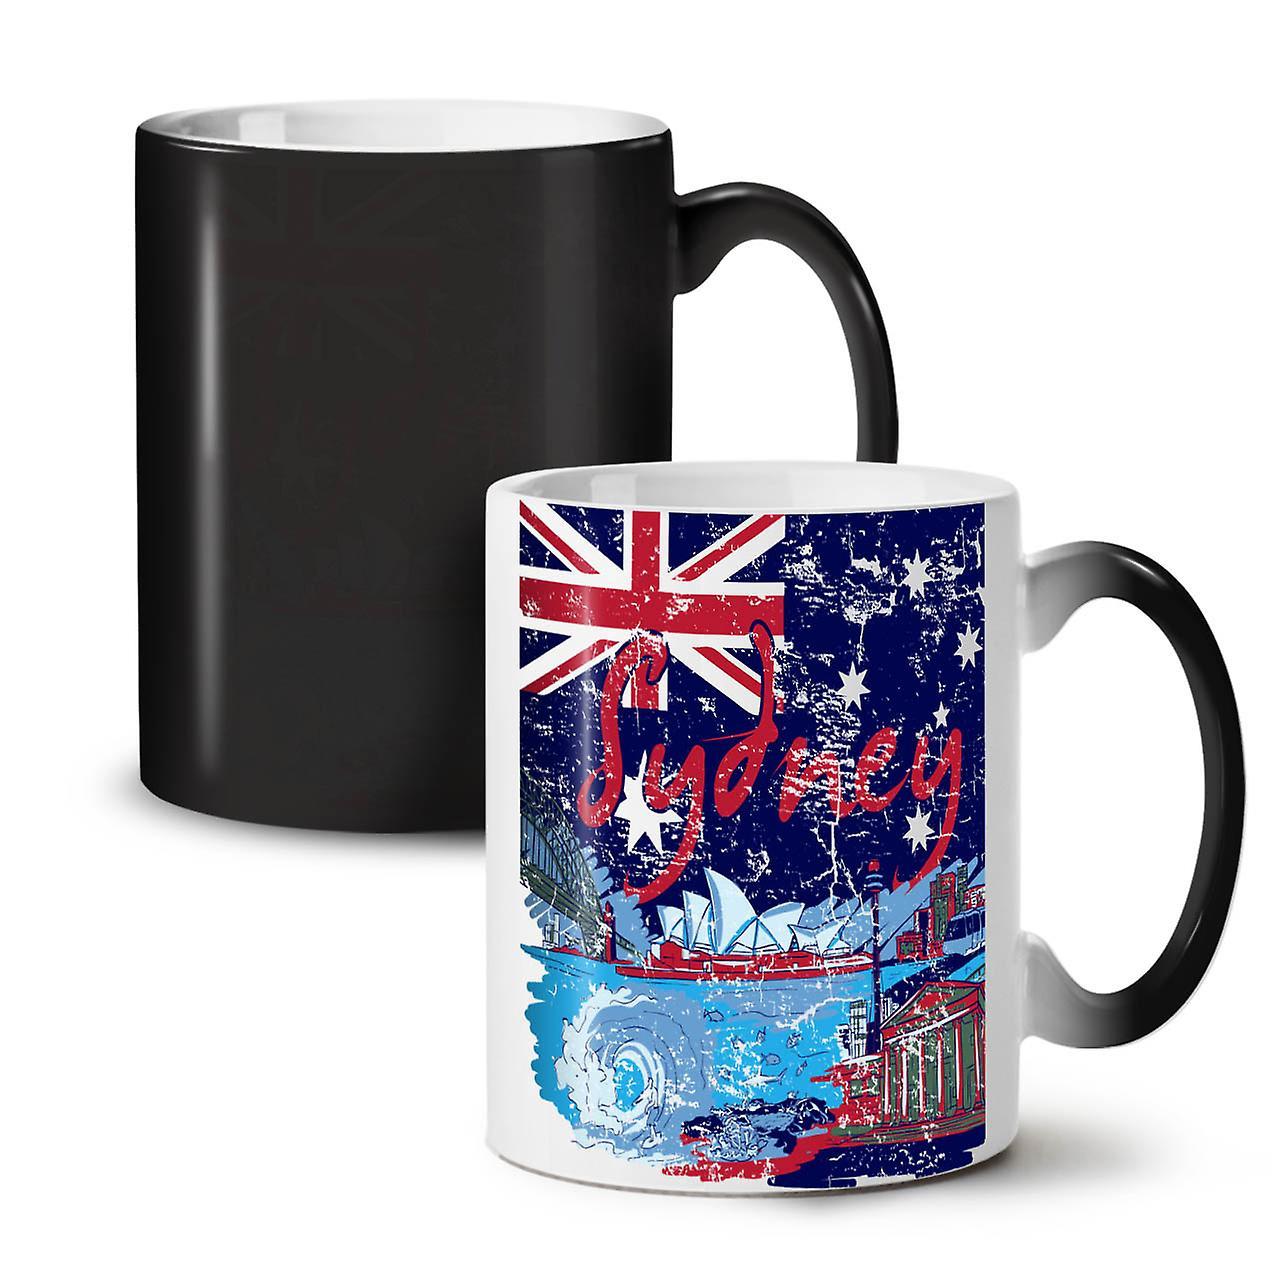 Sydney Nouvelle Noir Café Tasse Changeant Couleur OzWellcoda Thé Céramique 11 iwkOPXZuT